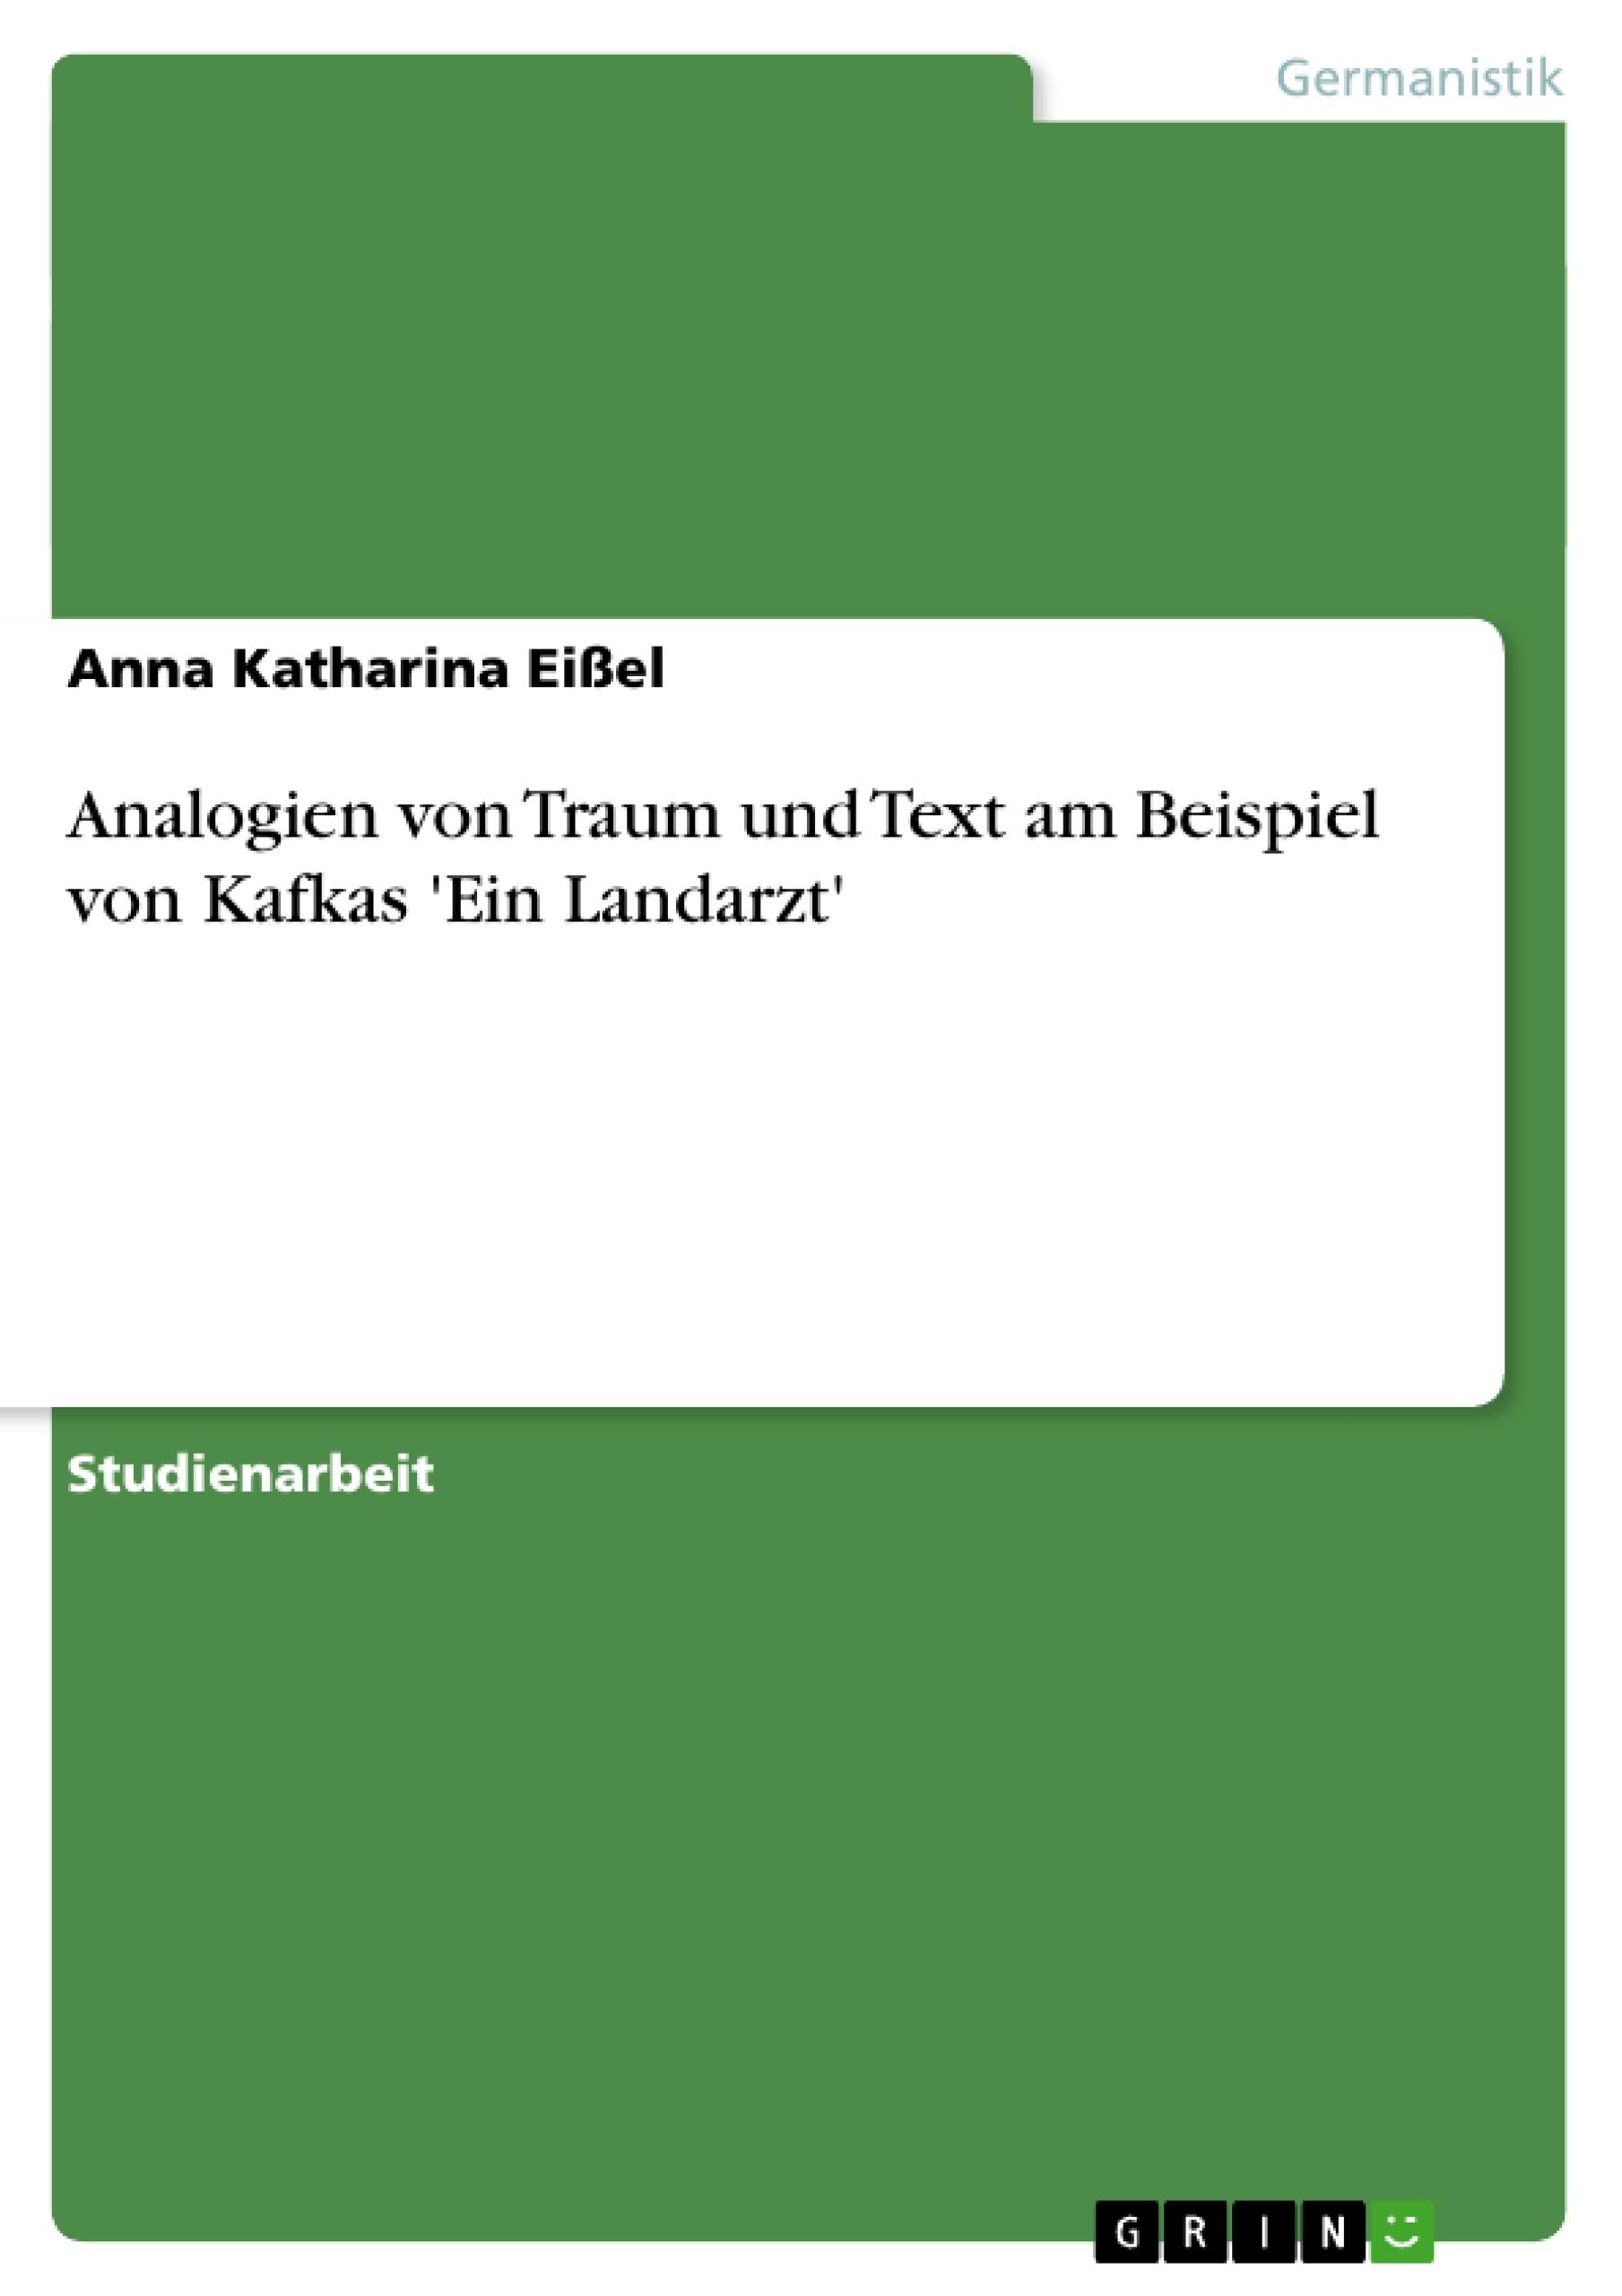 Titel: Analogien von Traum und Text am Beispiel von Kafkas 'Ein Landarzt'